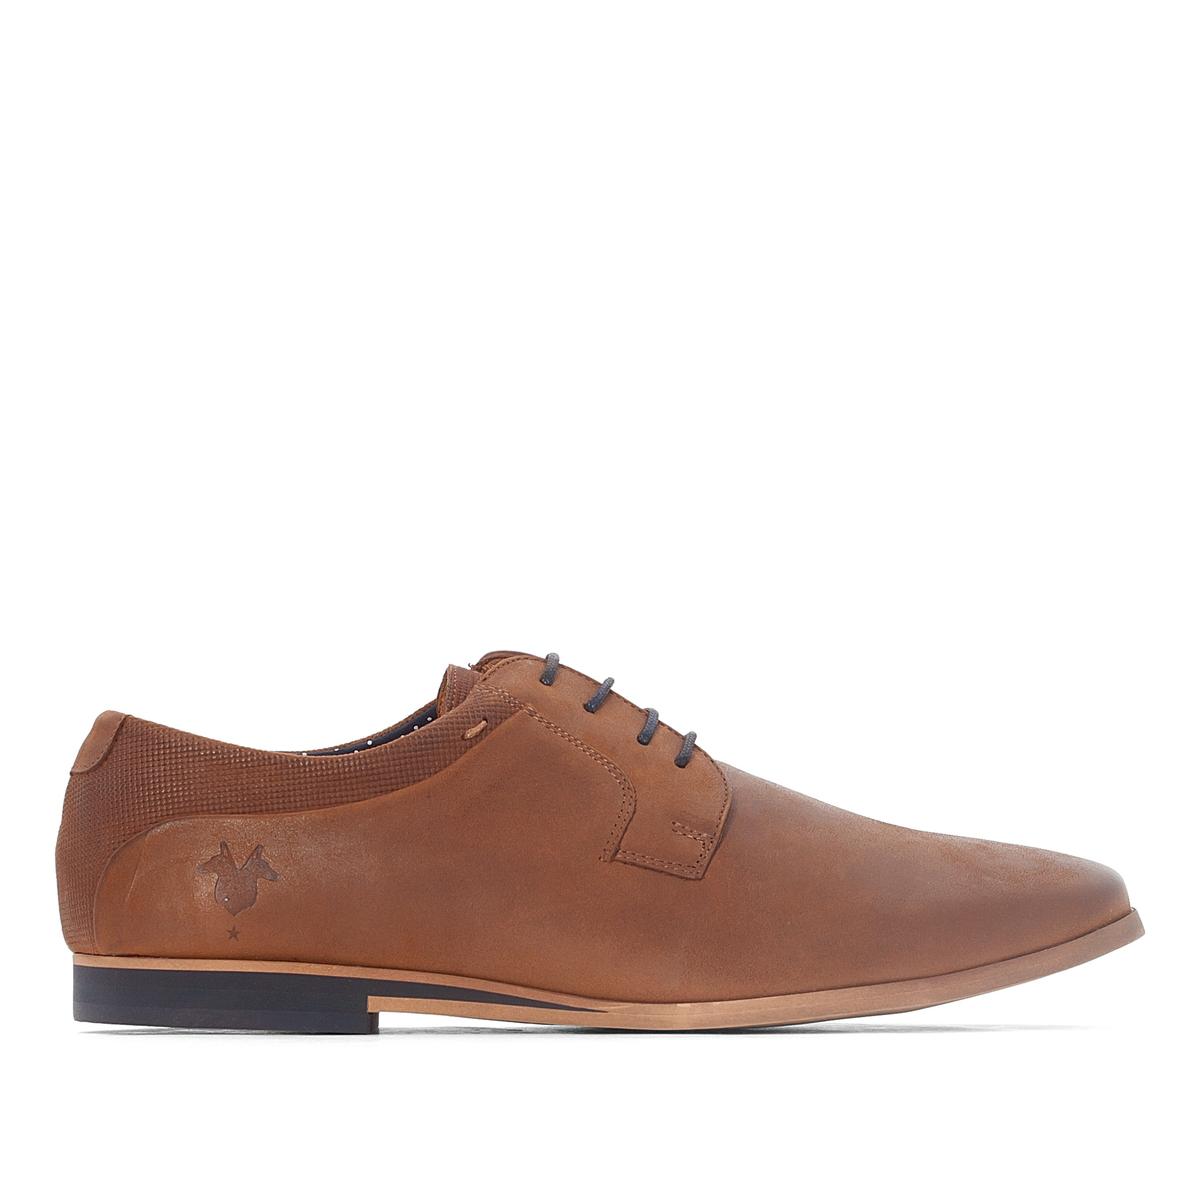 Ботинки-дерби кожаные Epia3Верх : кожа (яловичная)   Подкладка : кожа, полотно   Стелька : кожа   Подошва : эластомер   Застежка : шнуровка<br><br>Цвет: коньячный